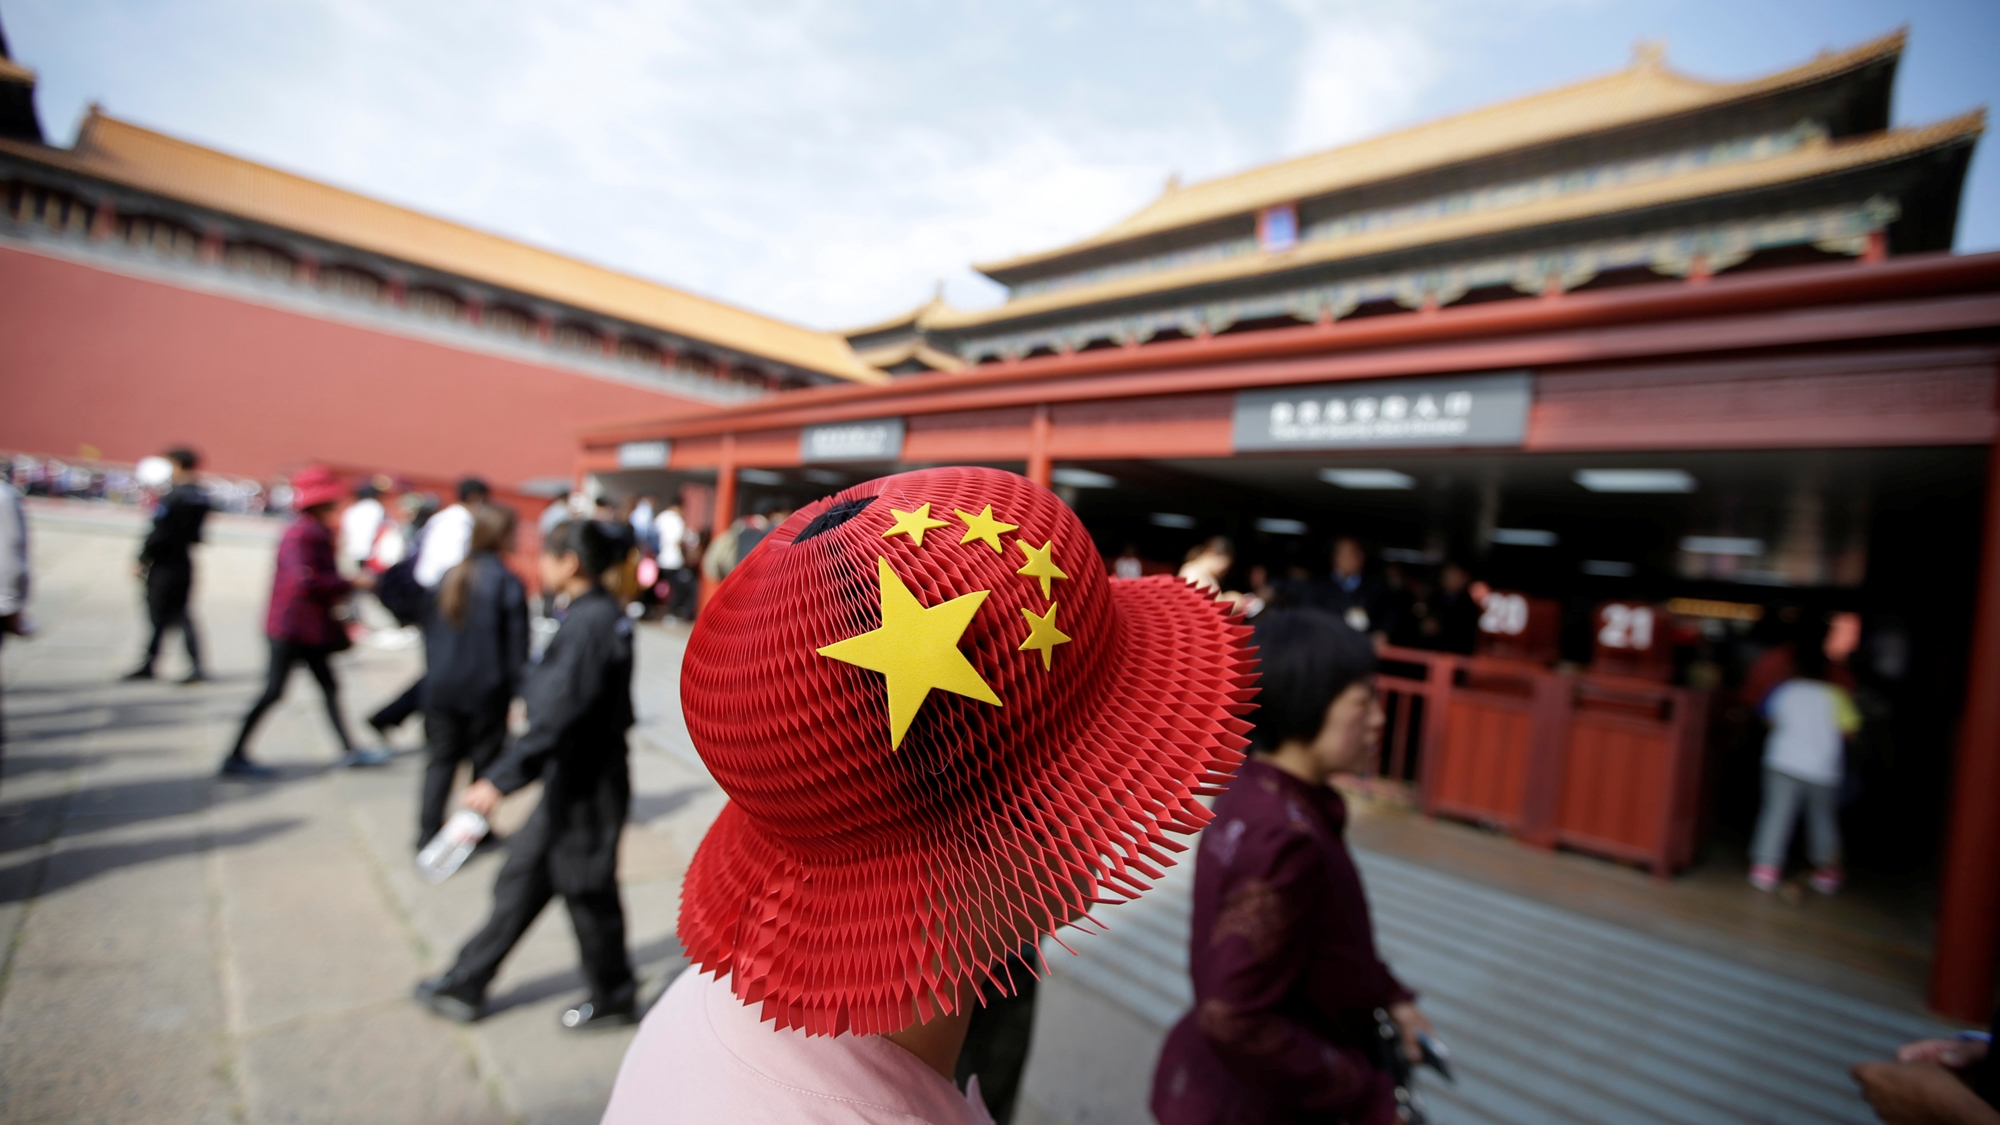 Crecimiento crediticio decepciona en China; apunta a desaceleración económica